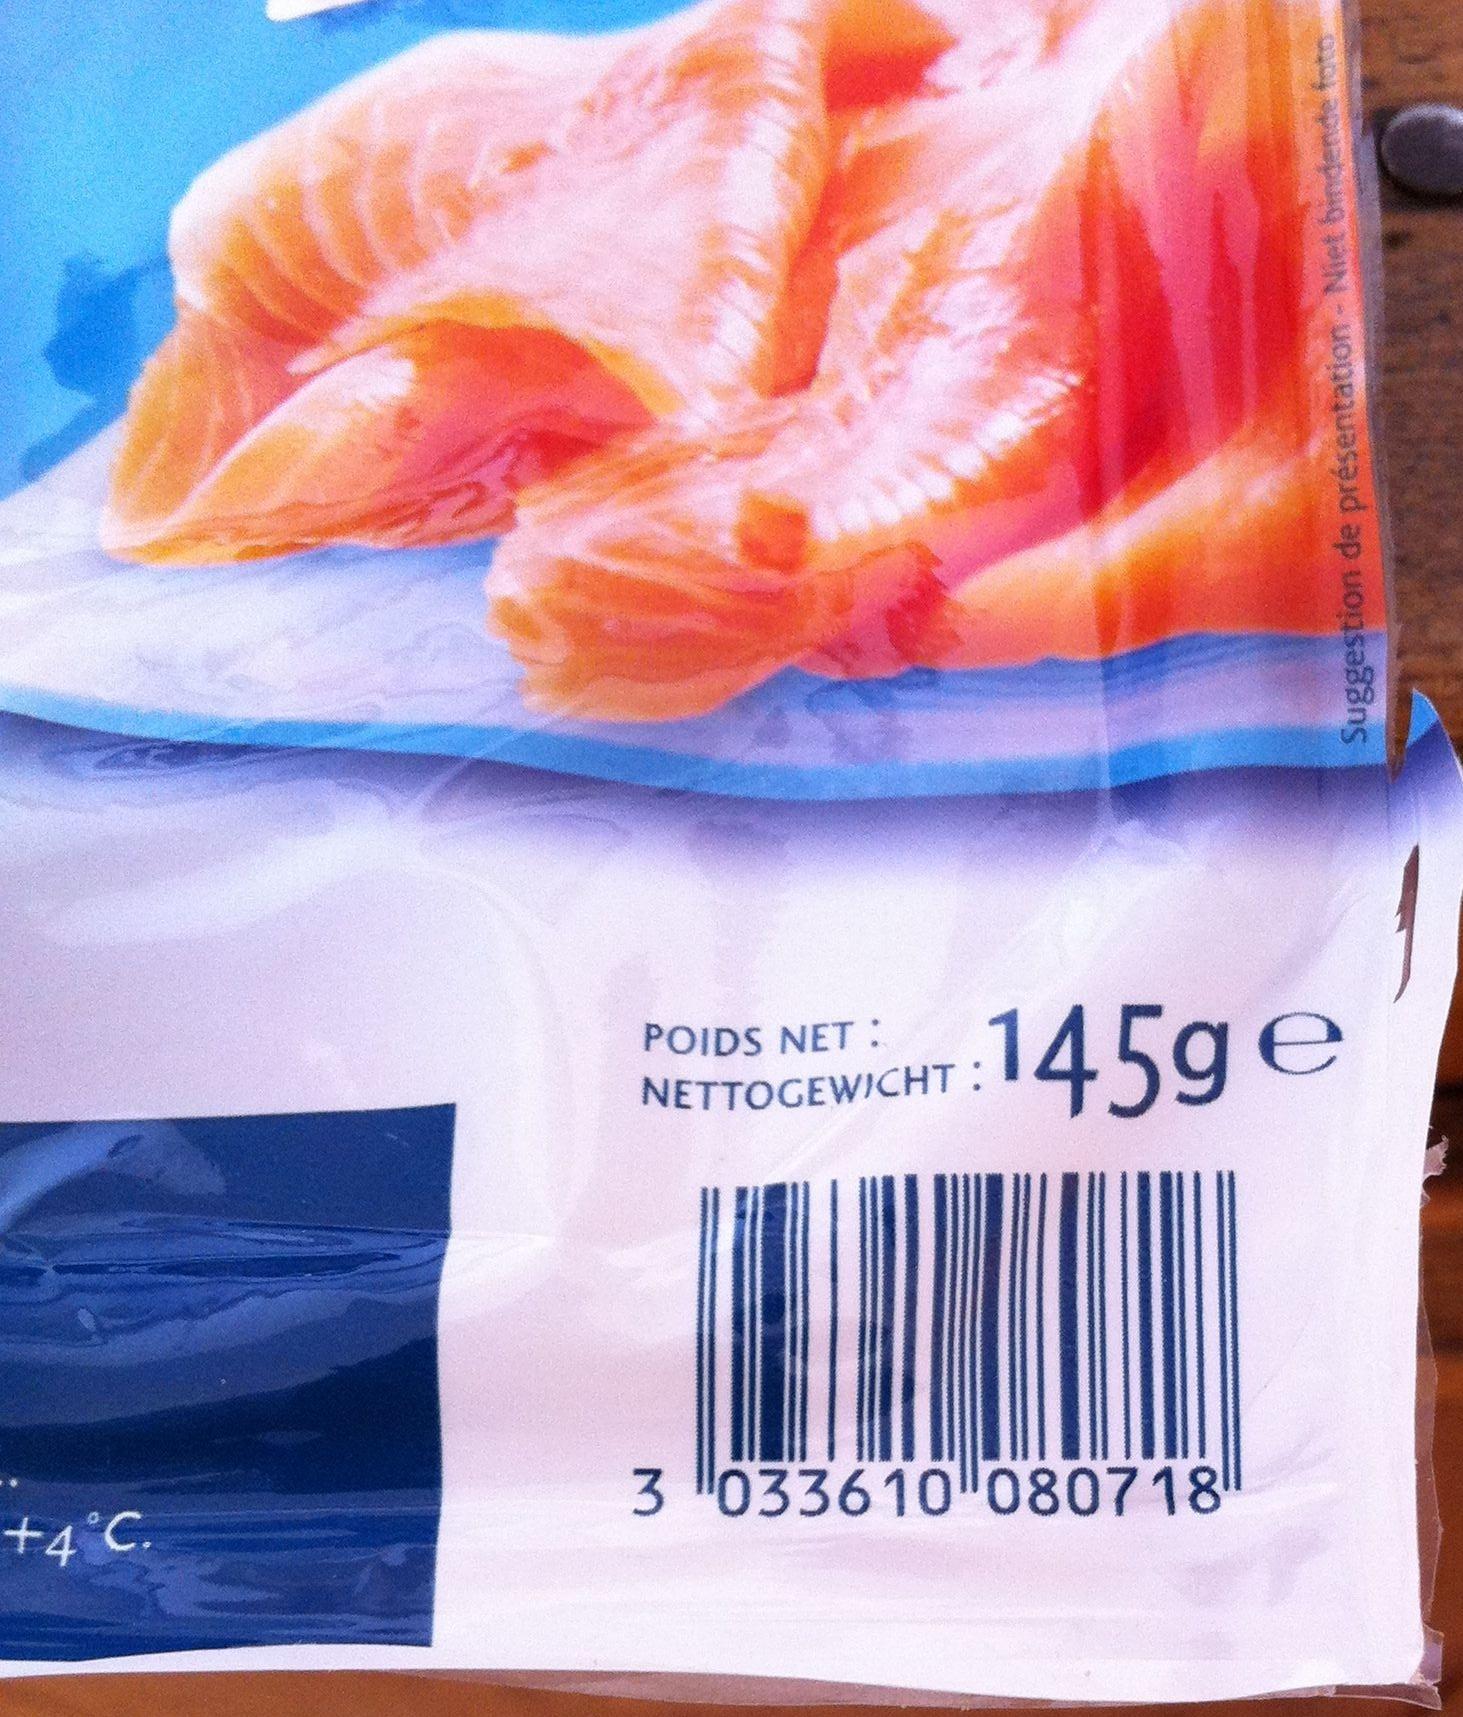 Saumon de Norvège - Produit